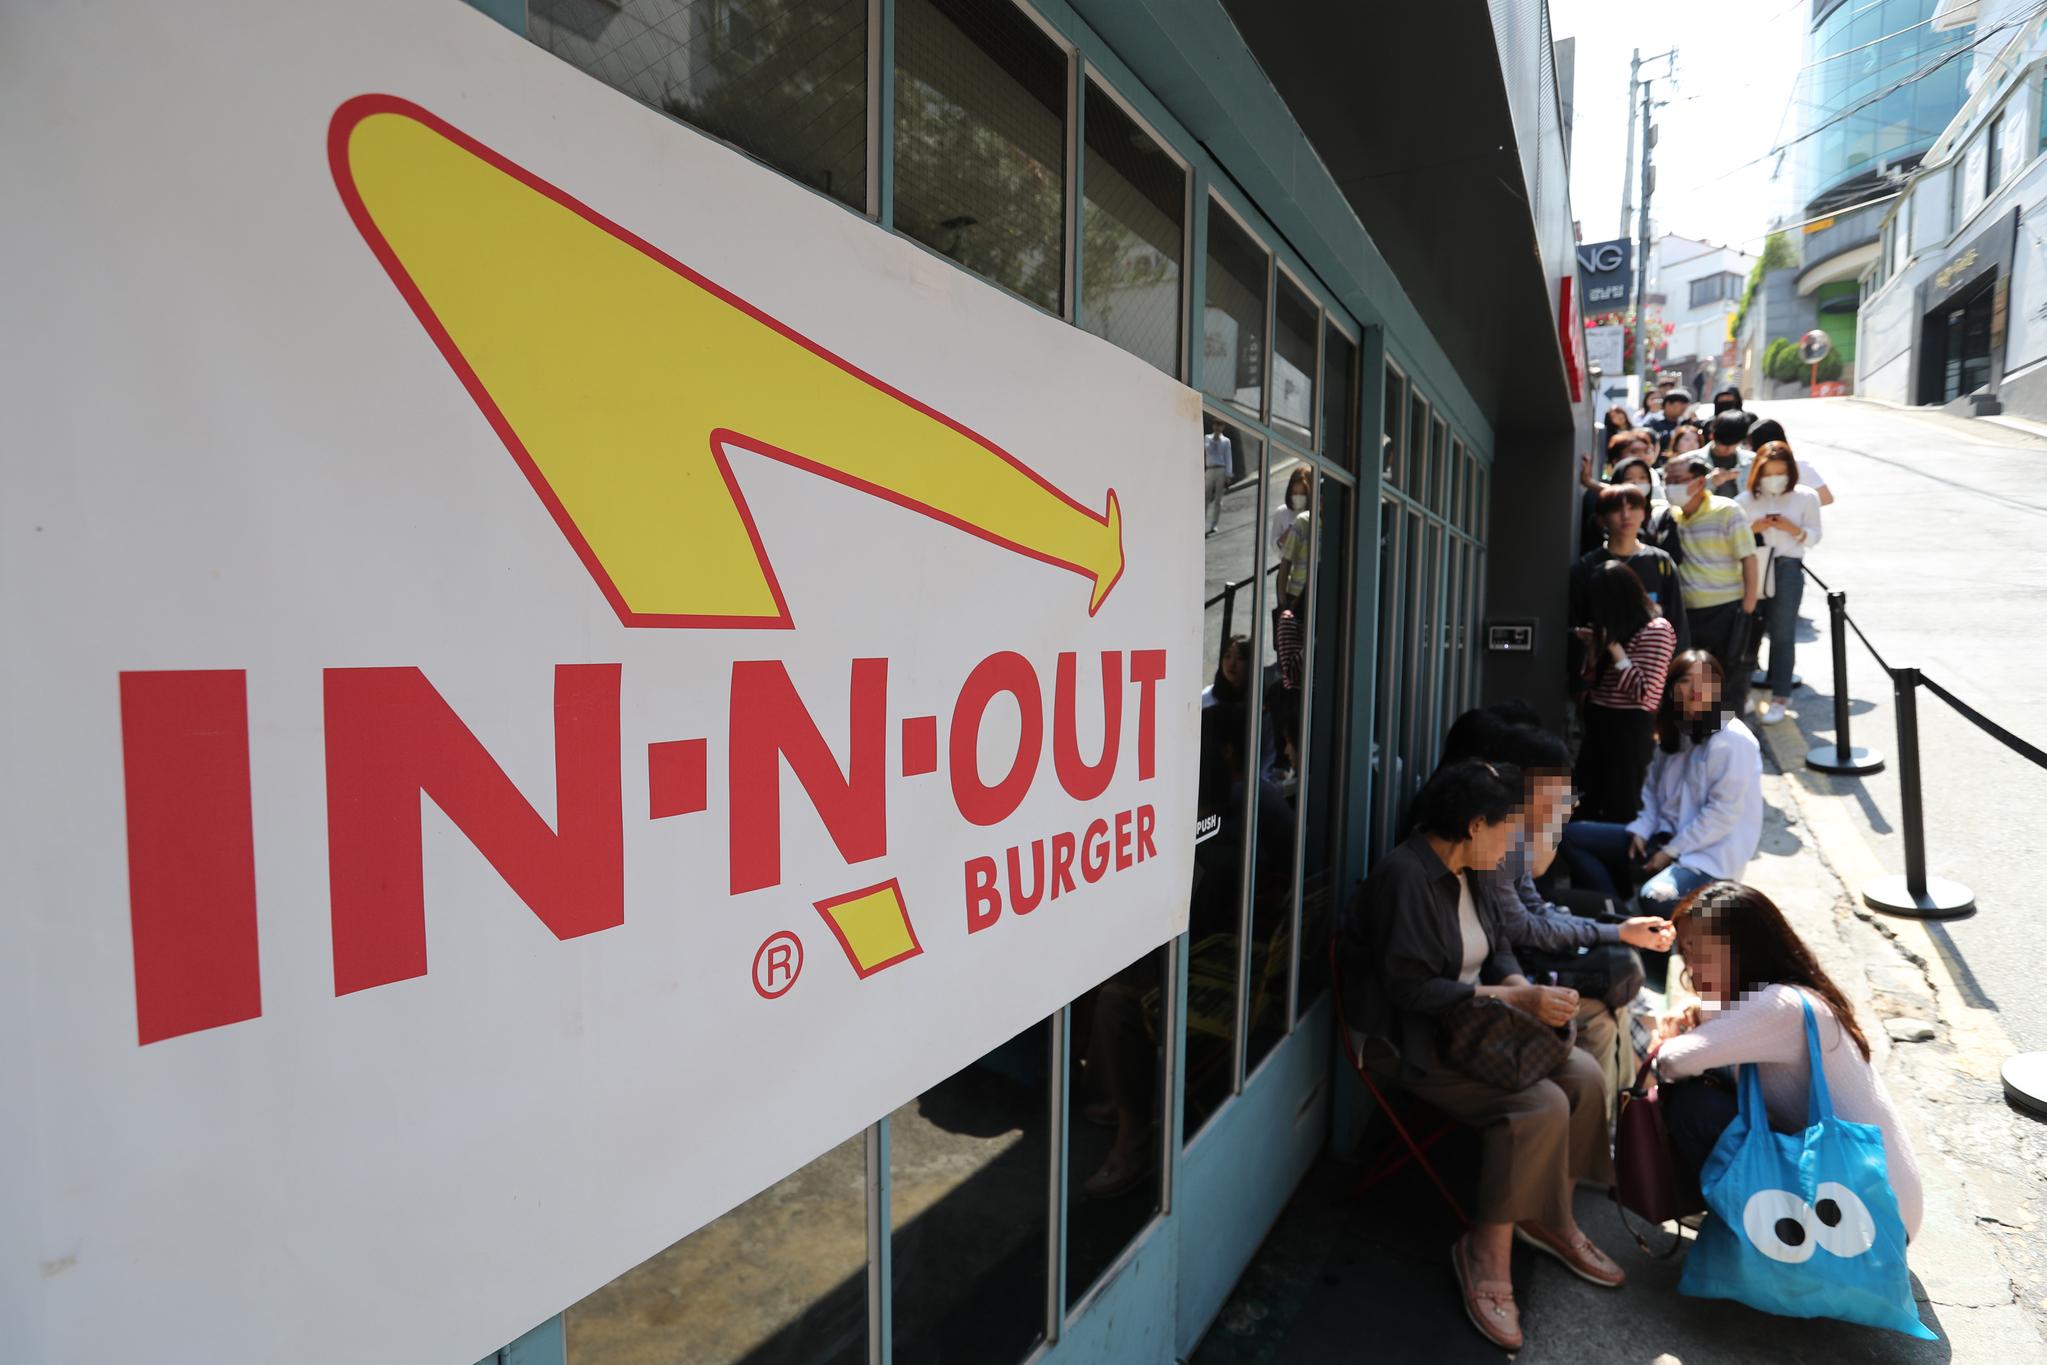 미국의 3대버거로 유명한 인앤아웃 버거가 22일 오전 11시부터 오후 2시까지 서울 강남구 바비레드 강남점에서 판매됐다. 이날 시민들이 햄버거를 사기 위해 줄을 서고 있다. 김경록 기자